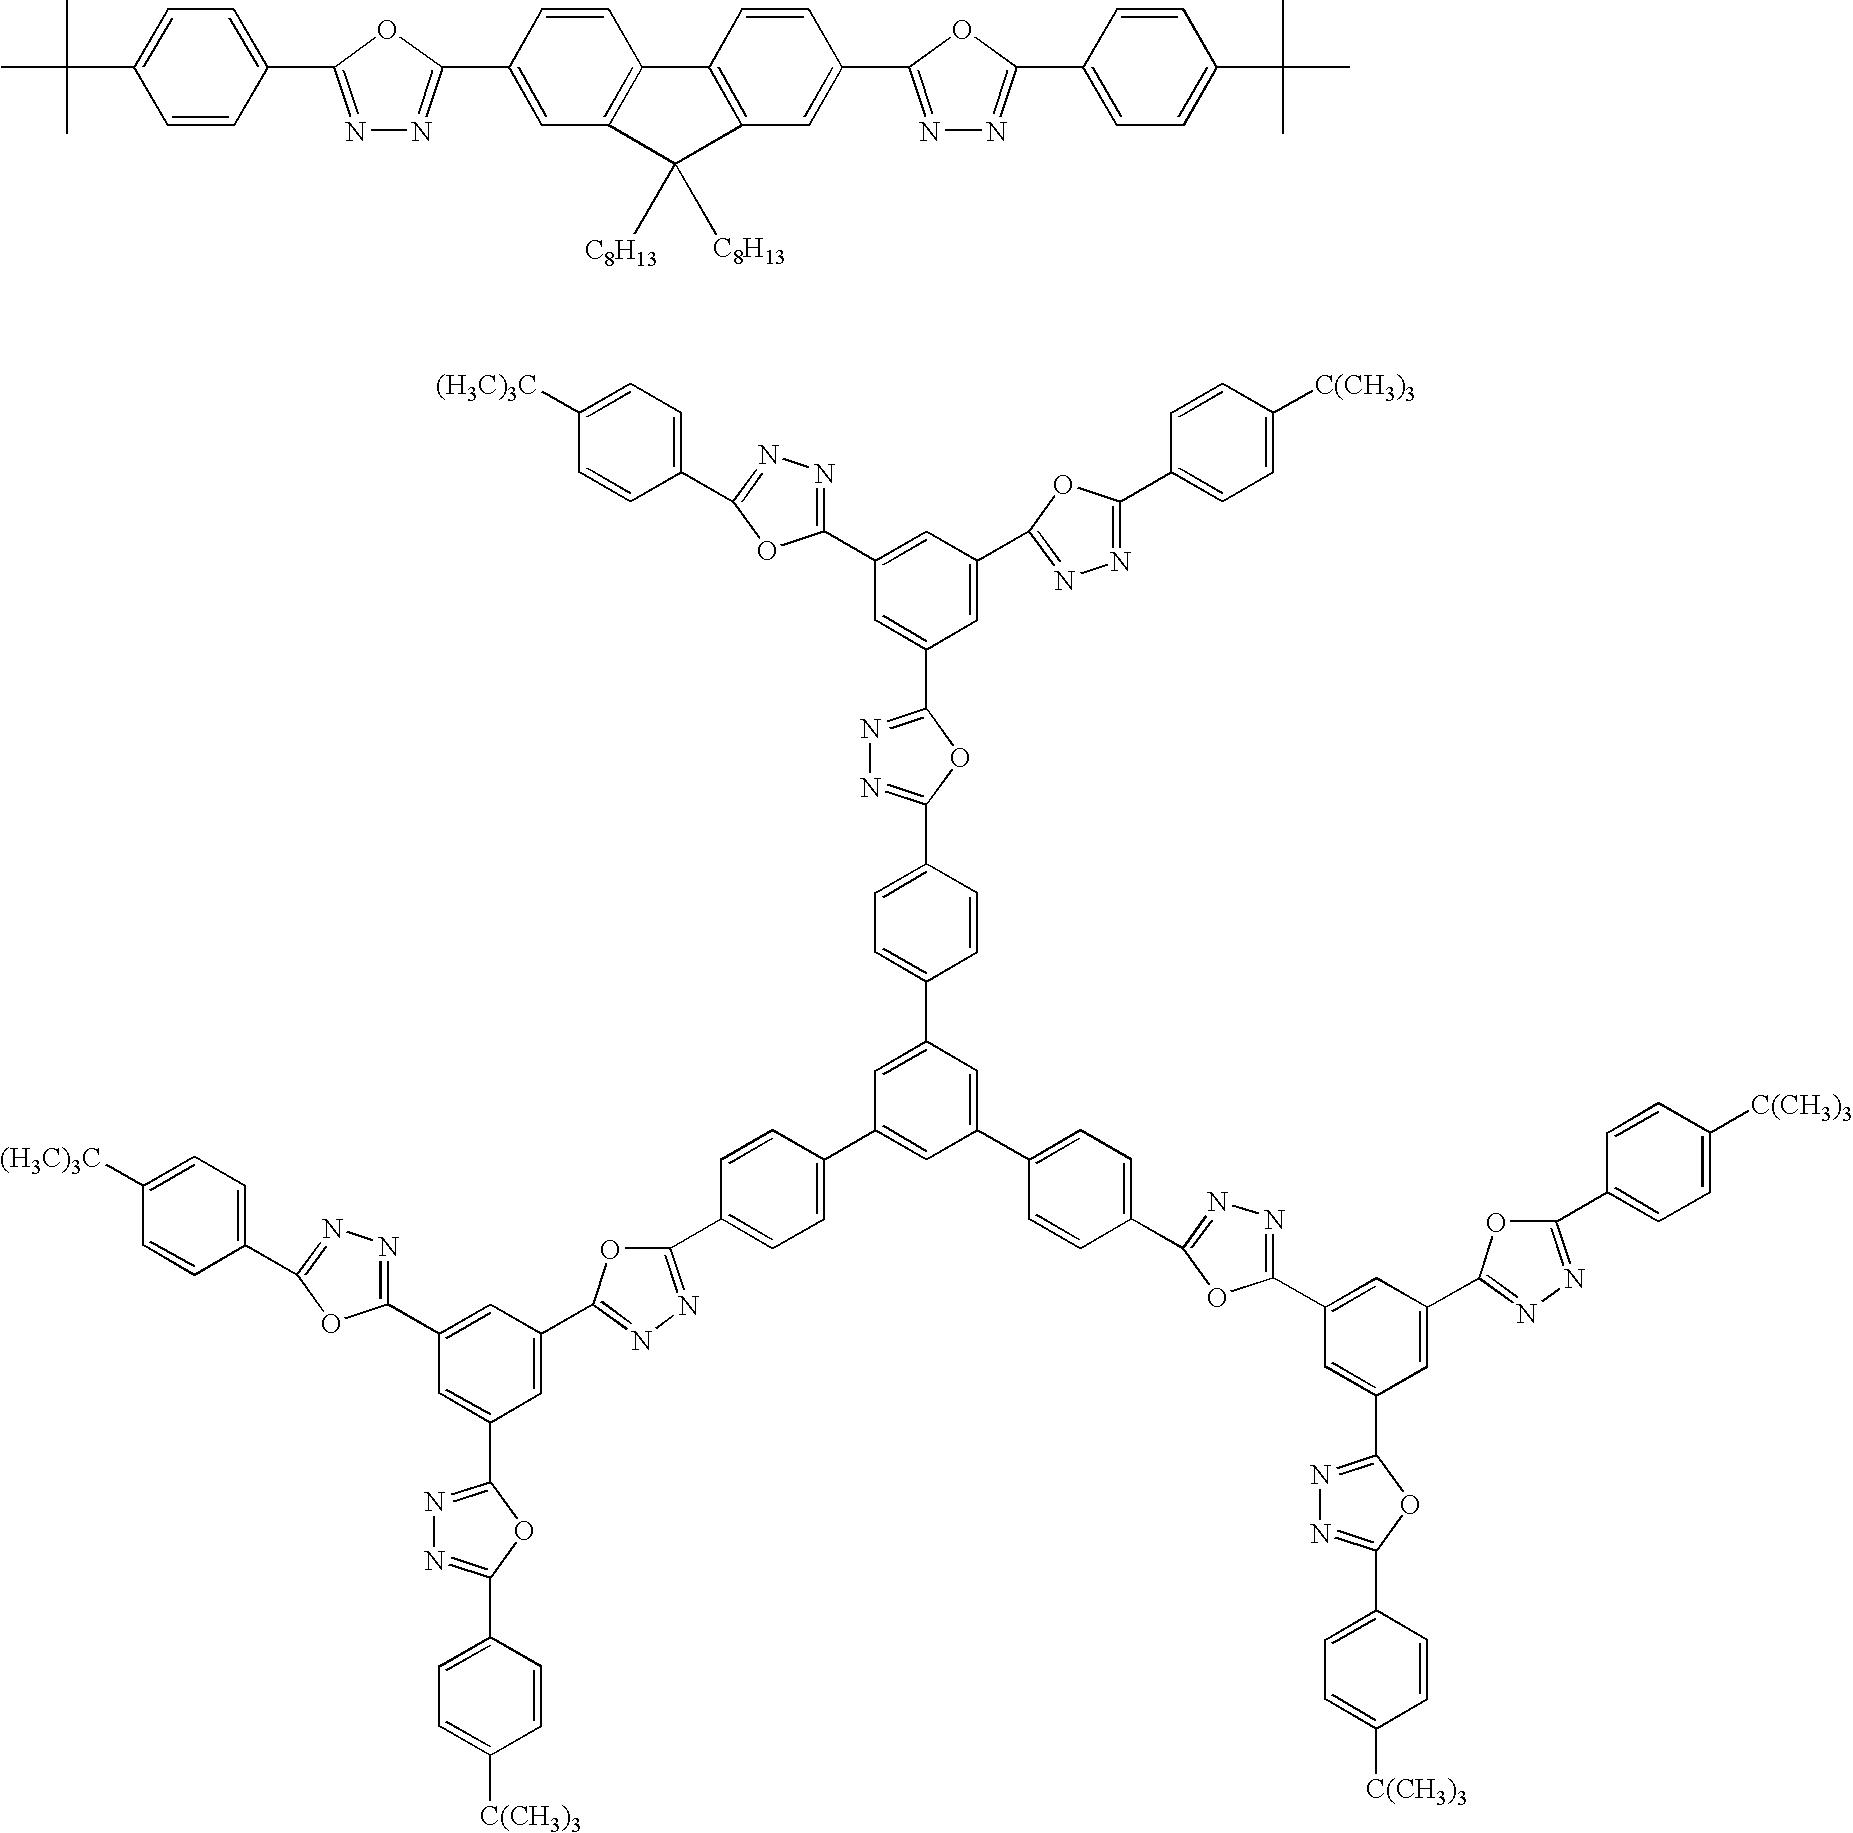 Figure US20090246664A1-20091001-C00028